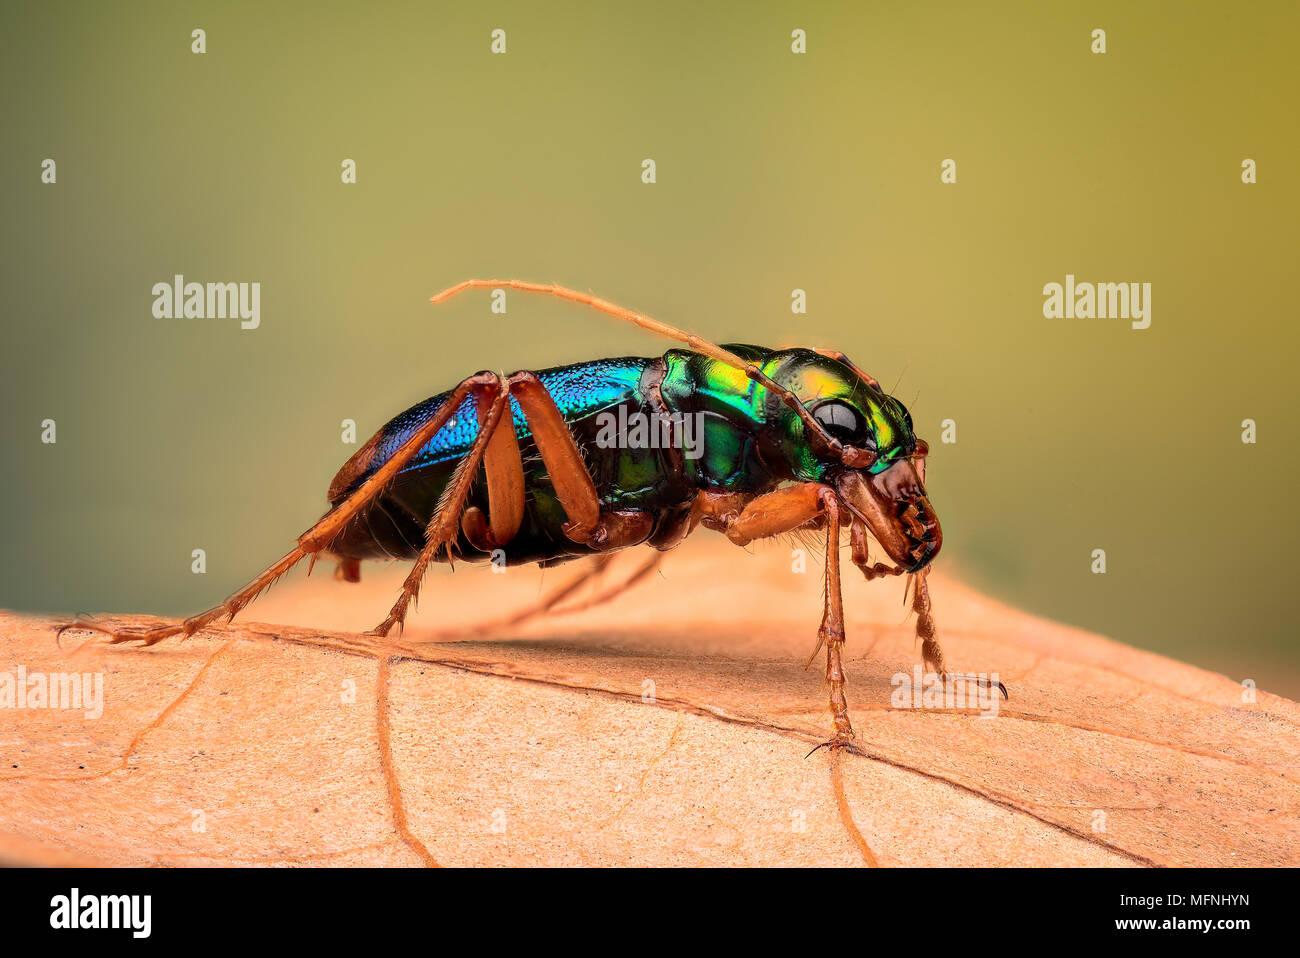 Beetle - Ciccindelidae tigre Imagen De Stock